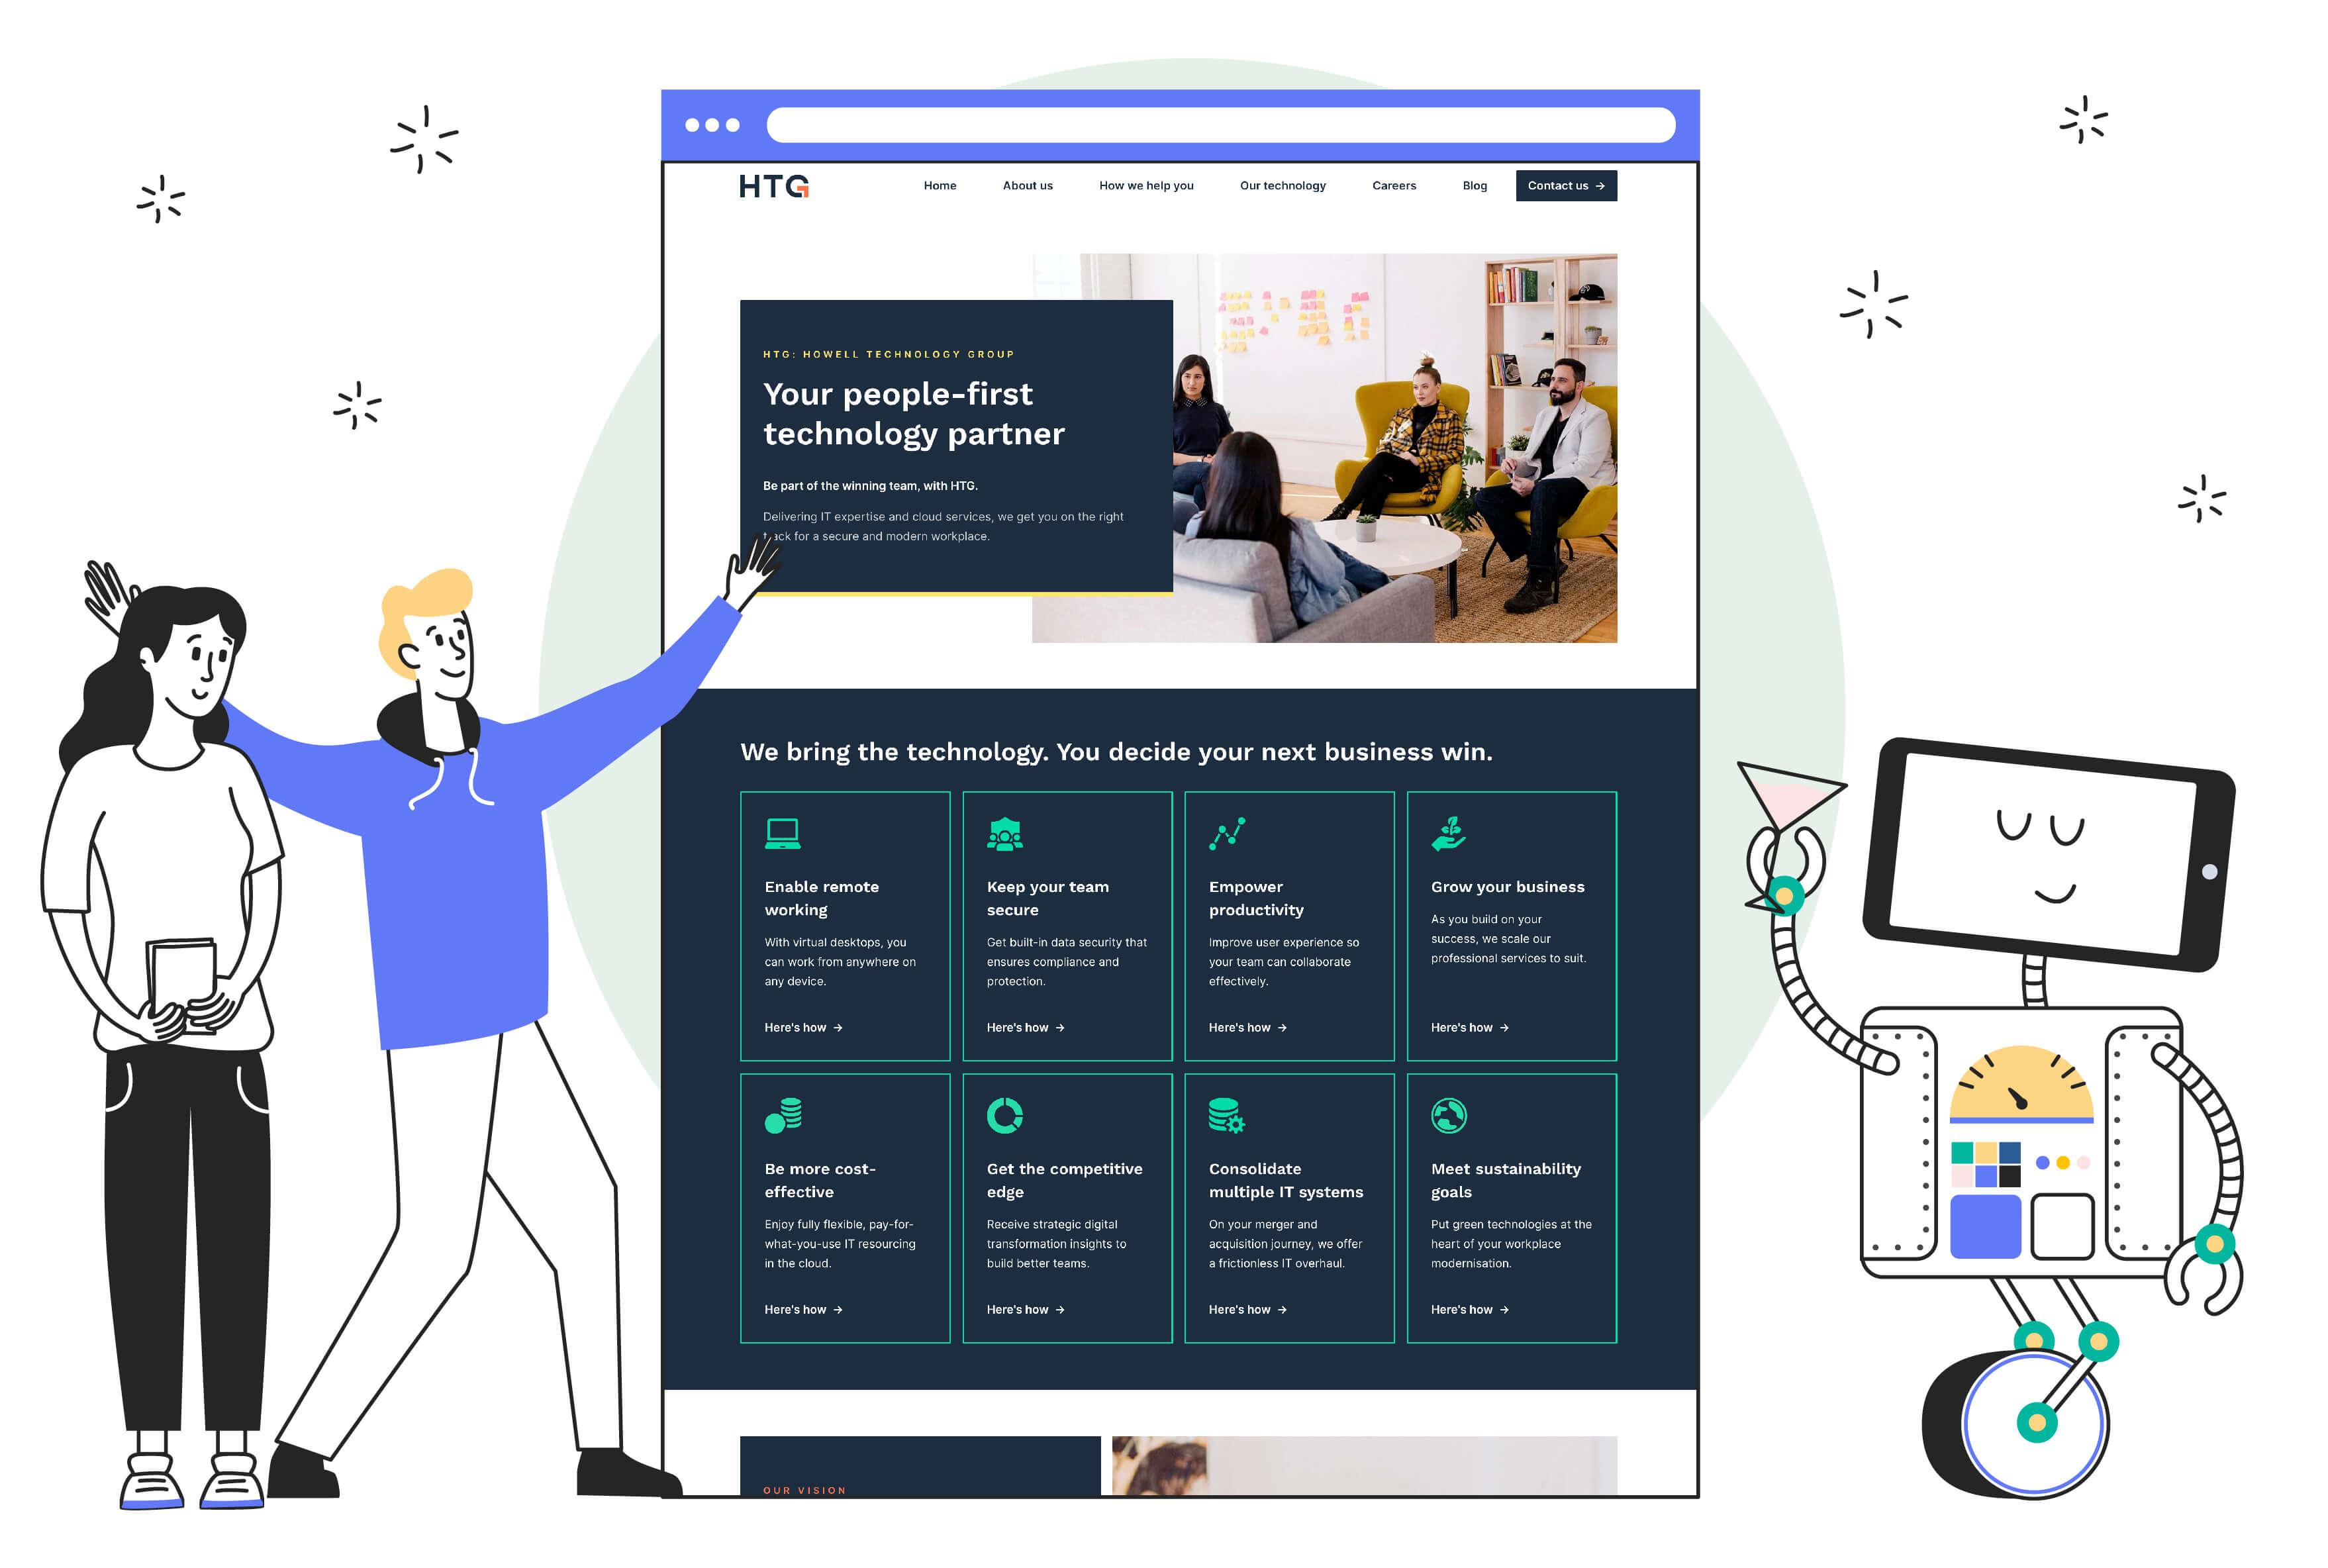 Articulate Marketing Case Study - A winning HubSpot website for HTG - Celebrating-a-winning-website